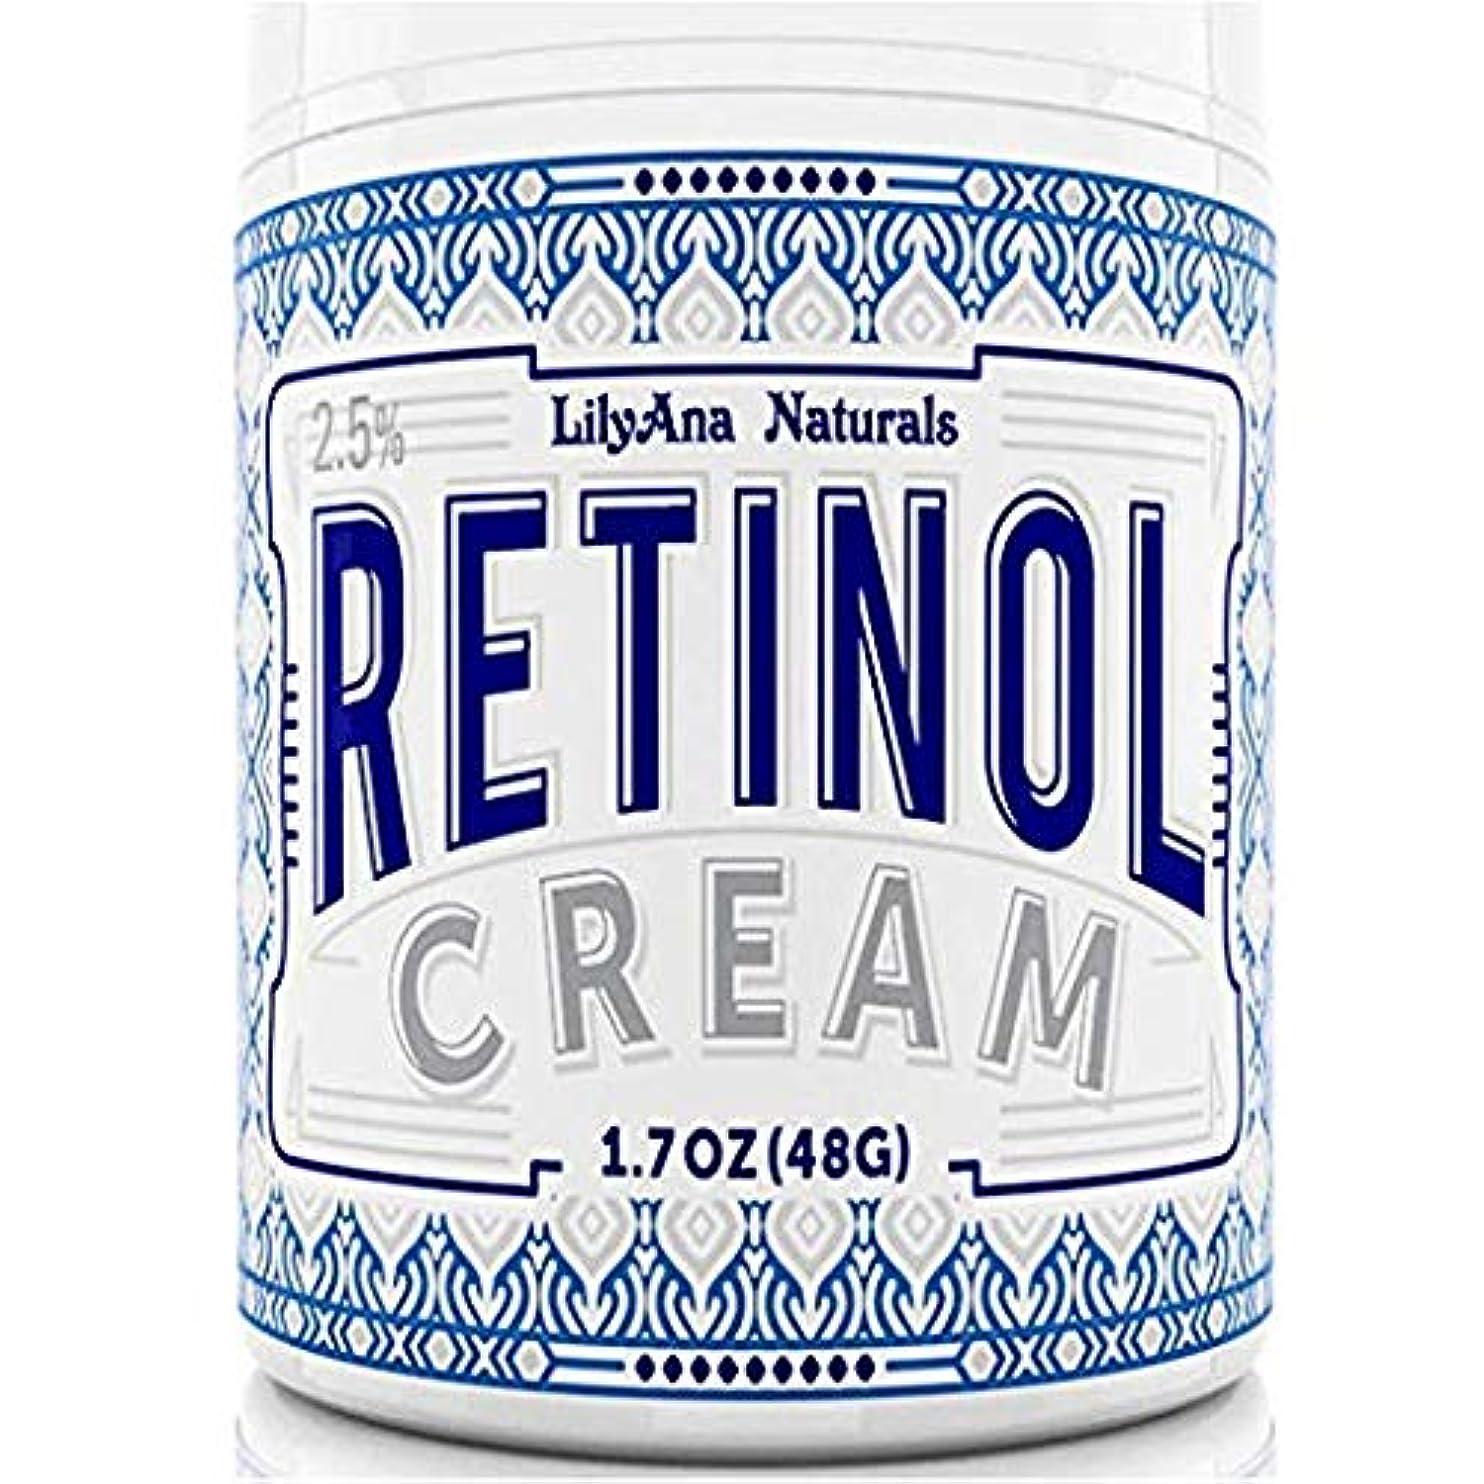 威する交通渋滞窒素LilyAna 社 の レチノール モイスチャー クリーム LilyAna Naturals Retinol Cream Moisturizer 1.7 Oz